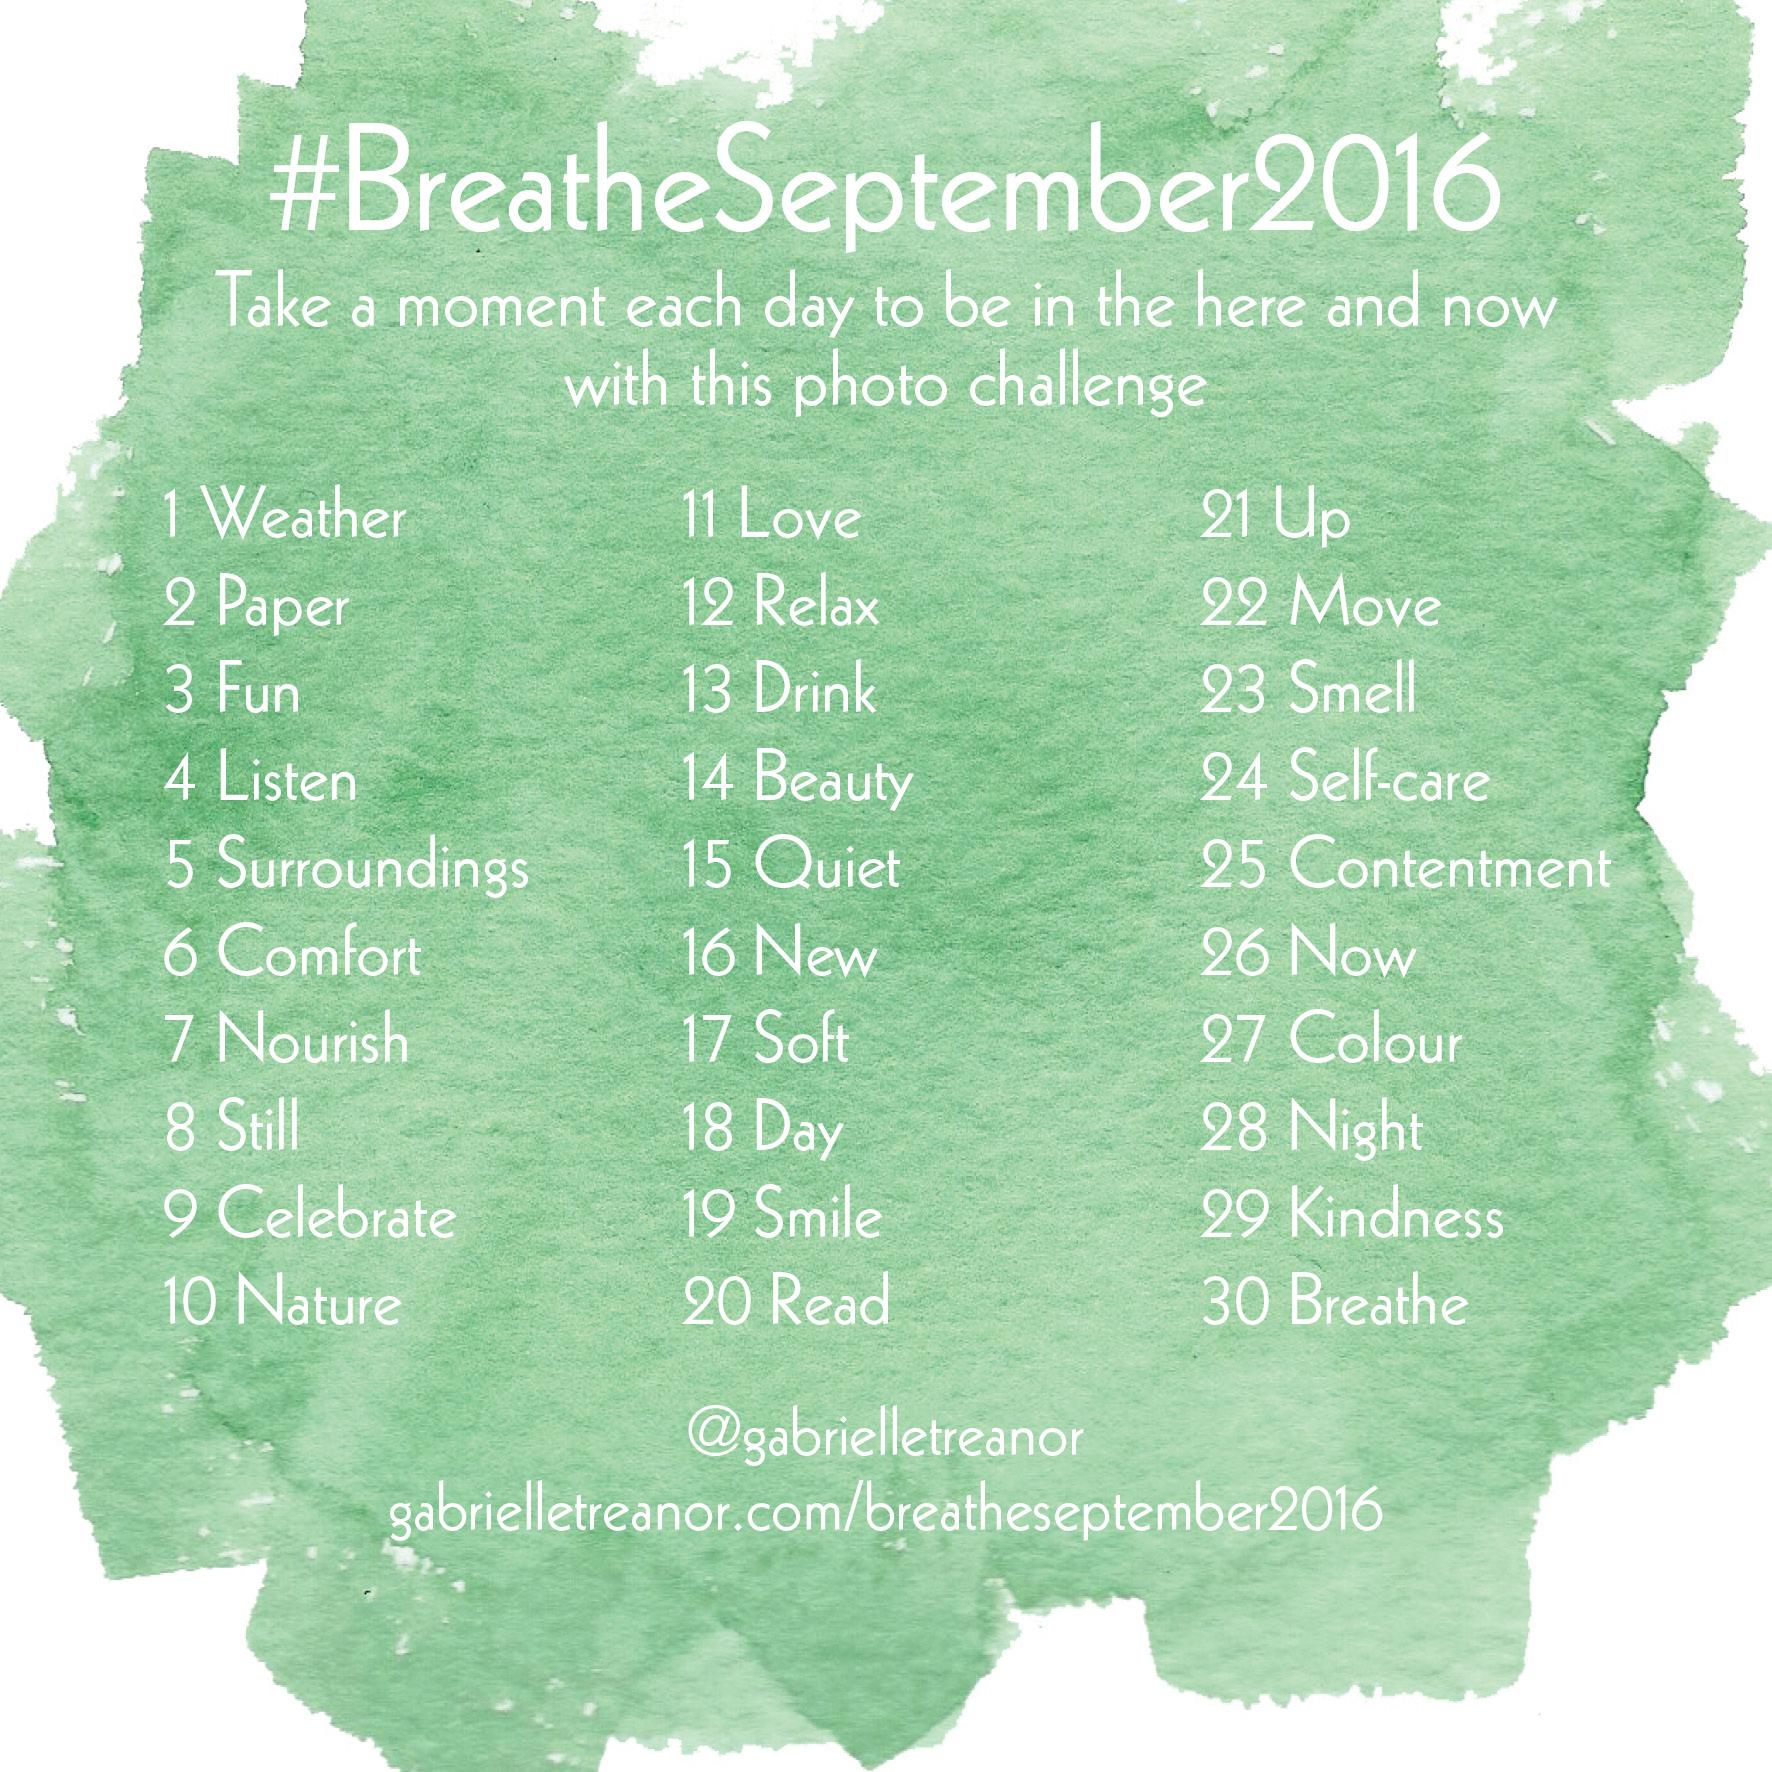 BreatheSeptember2016